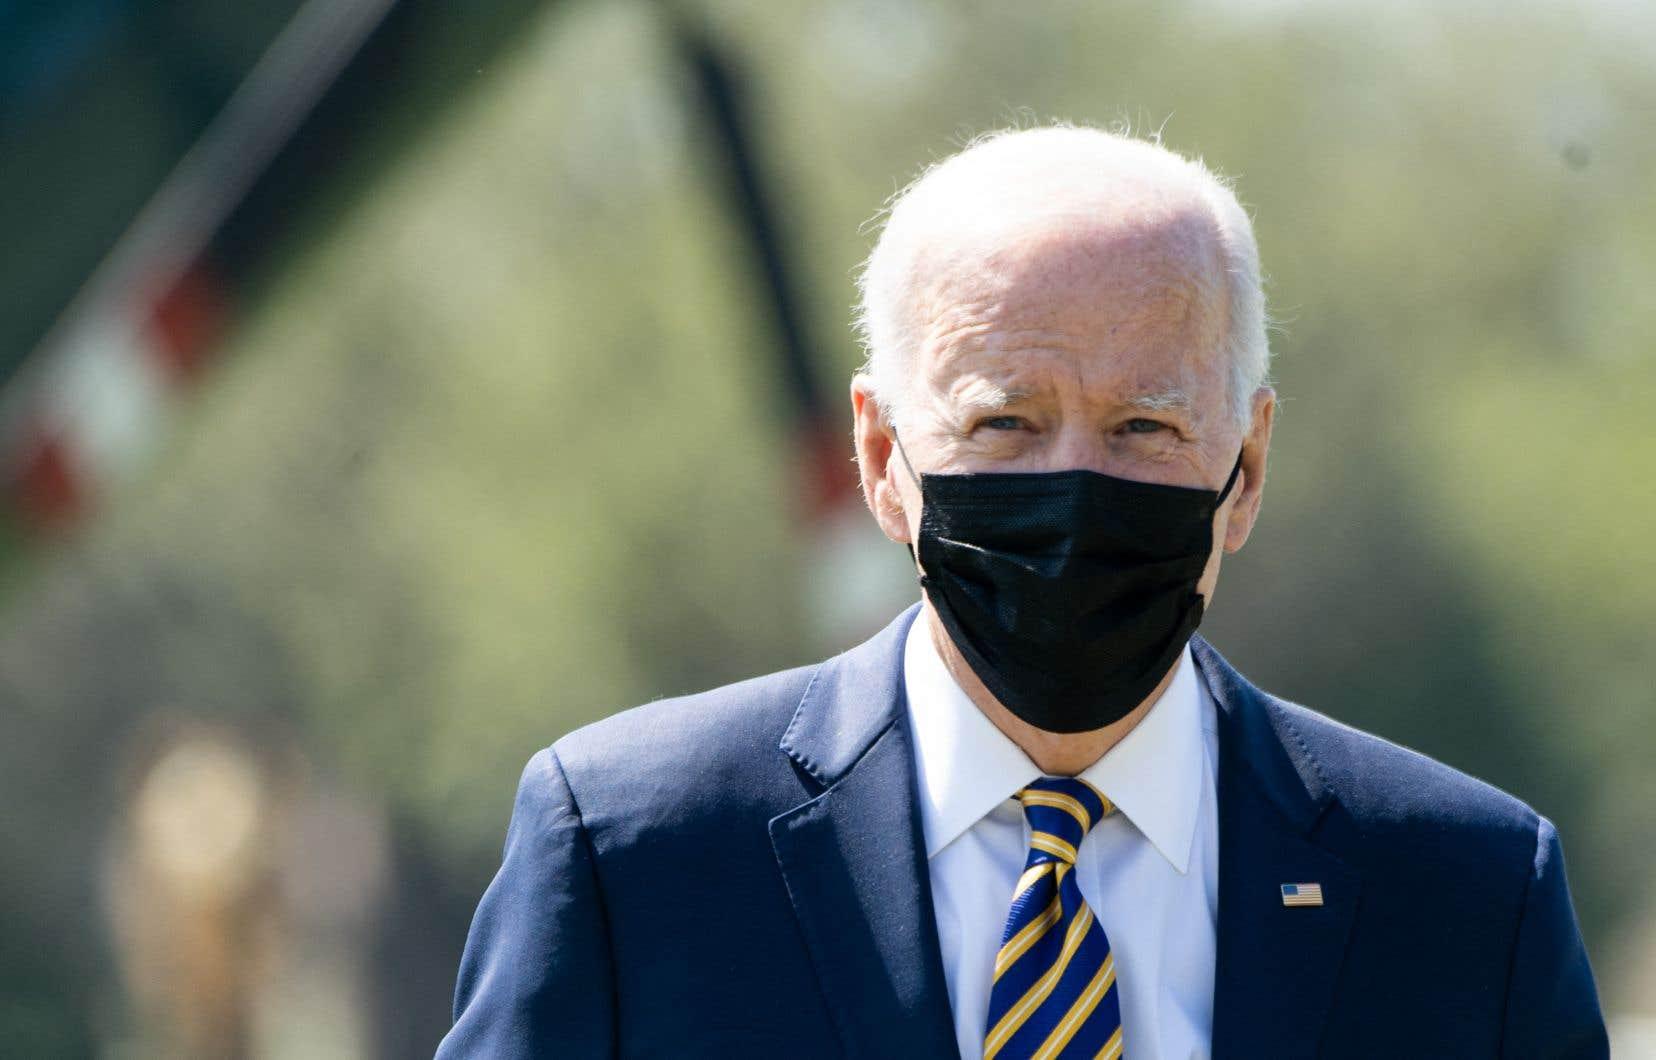 «Par [ses] déclarations, Joe Biden solidifie une alliance historiquement contre nature entre la Russie et la Chine en divisant le monde de manière manichéenne entre les États démocratiques et les États autoritaires d'une manière qui pourrait bien jeter les bases d'une nouvelle guerre froide», écrit l'auteur.